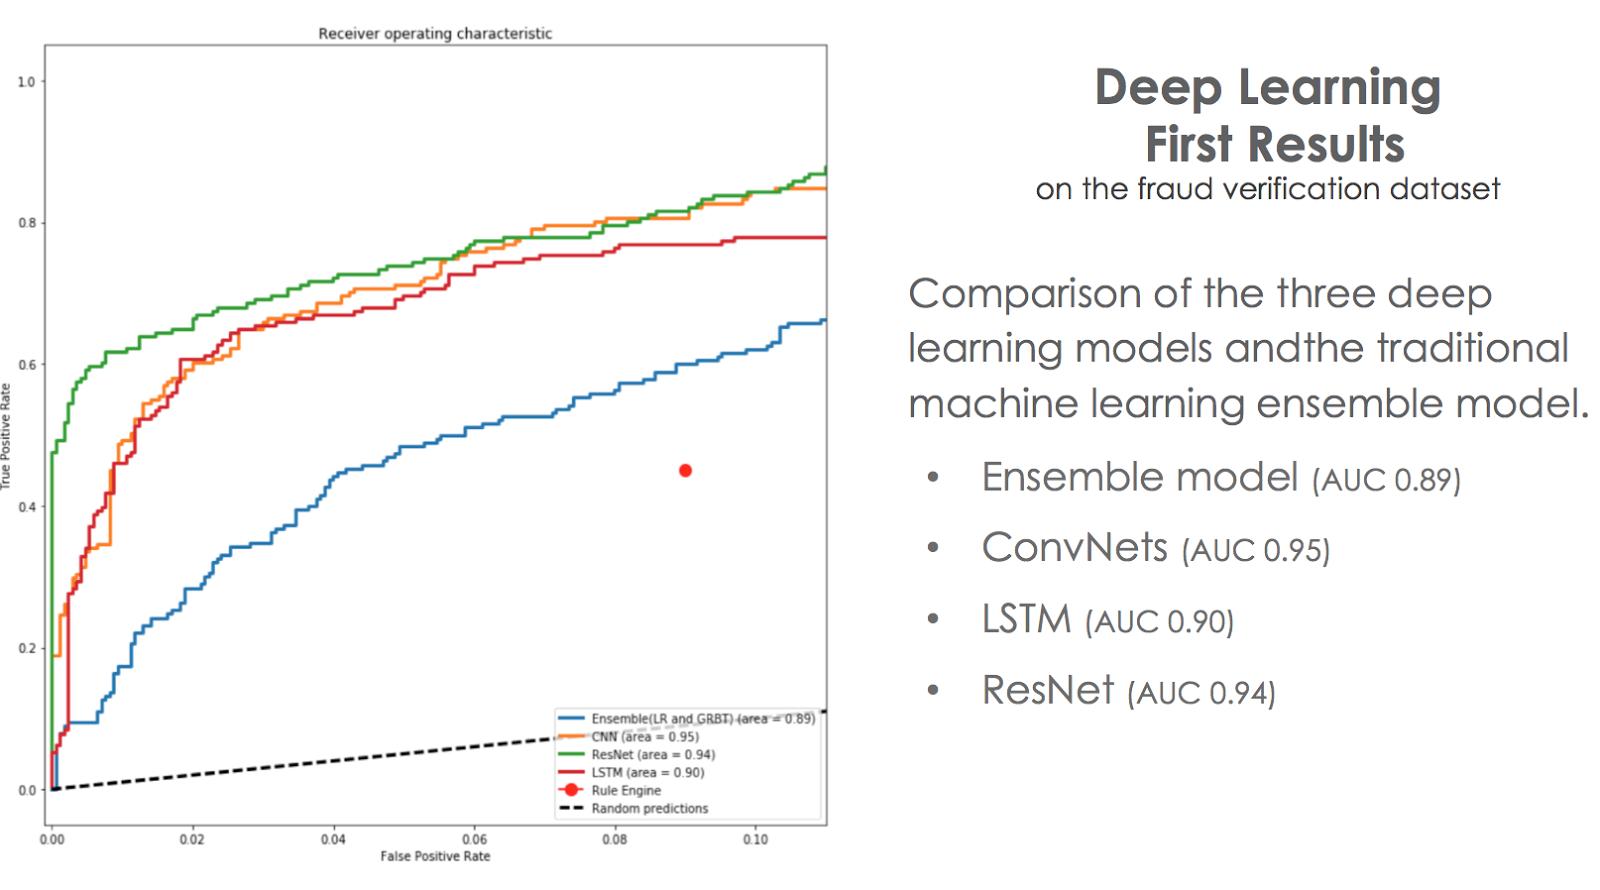 О конференции Strata AI: будущее искусственного интеллекта - 8